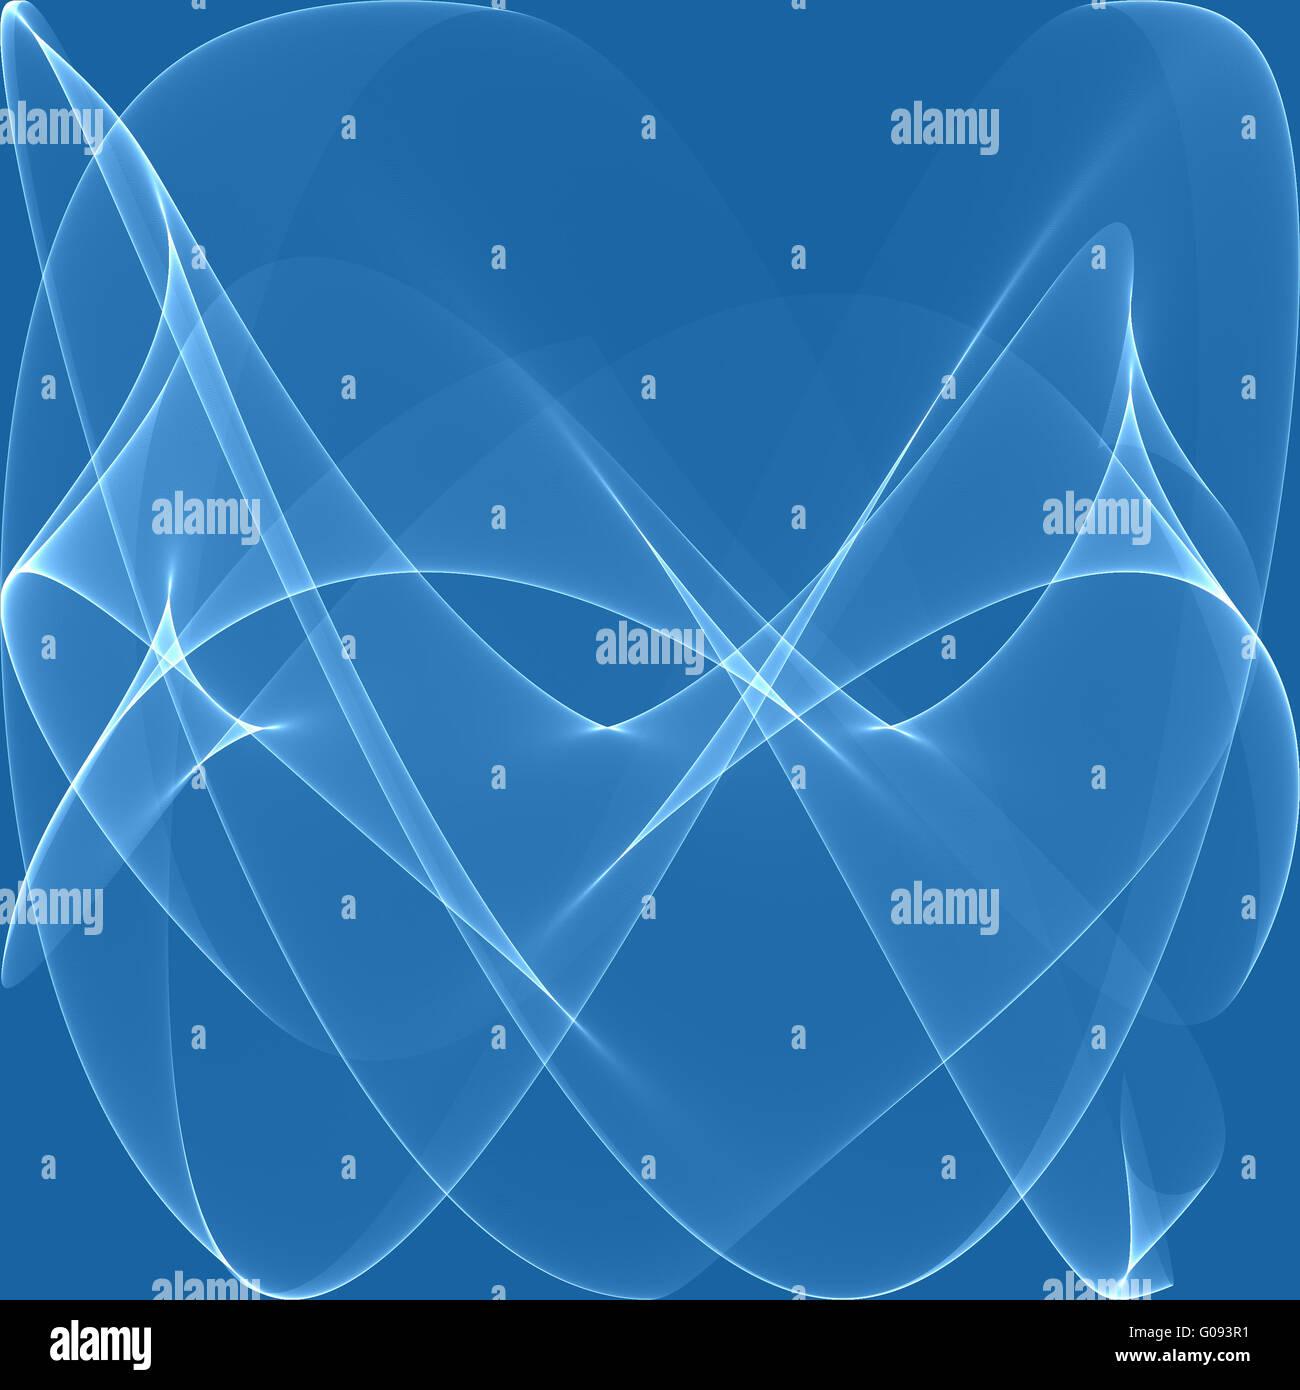 Blaue Wellen als schönen abstrakten Hintergrund Stockbild